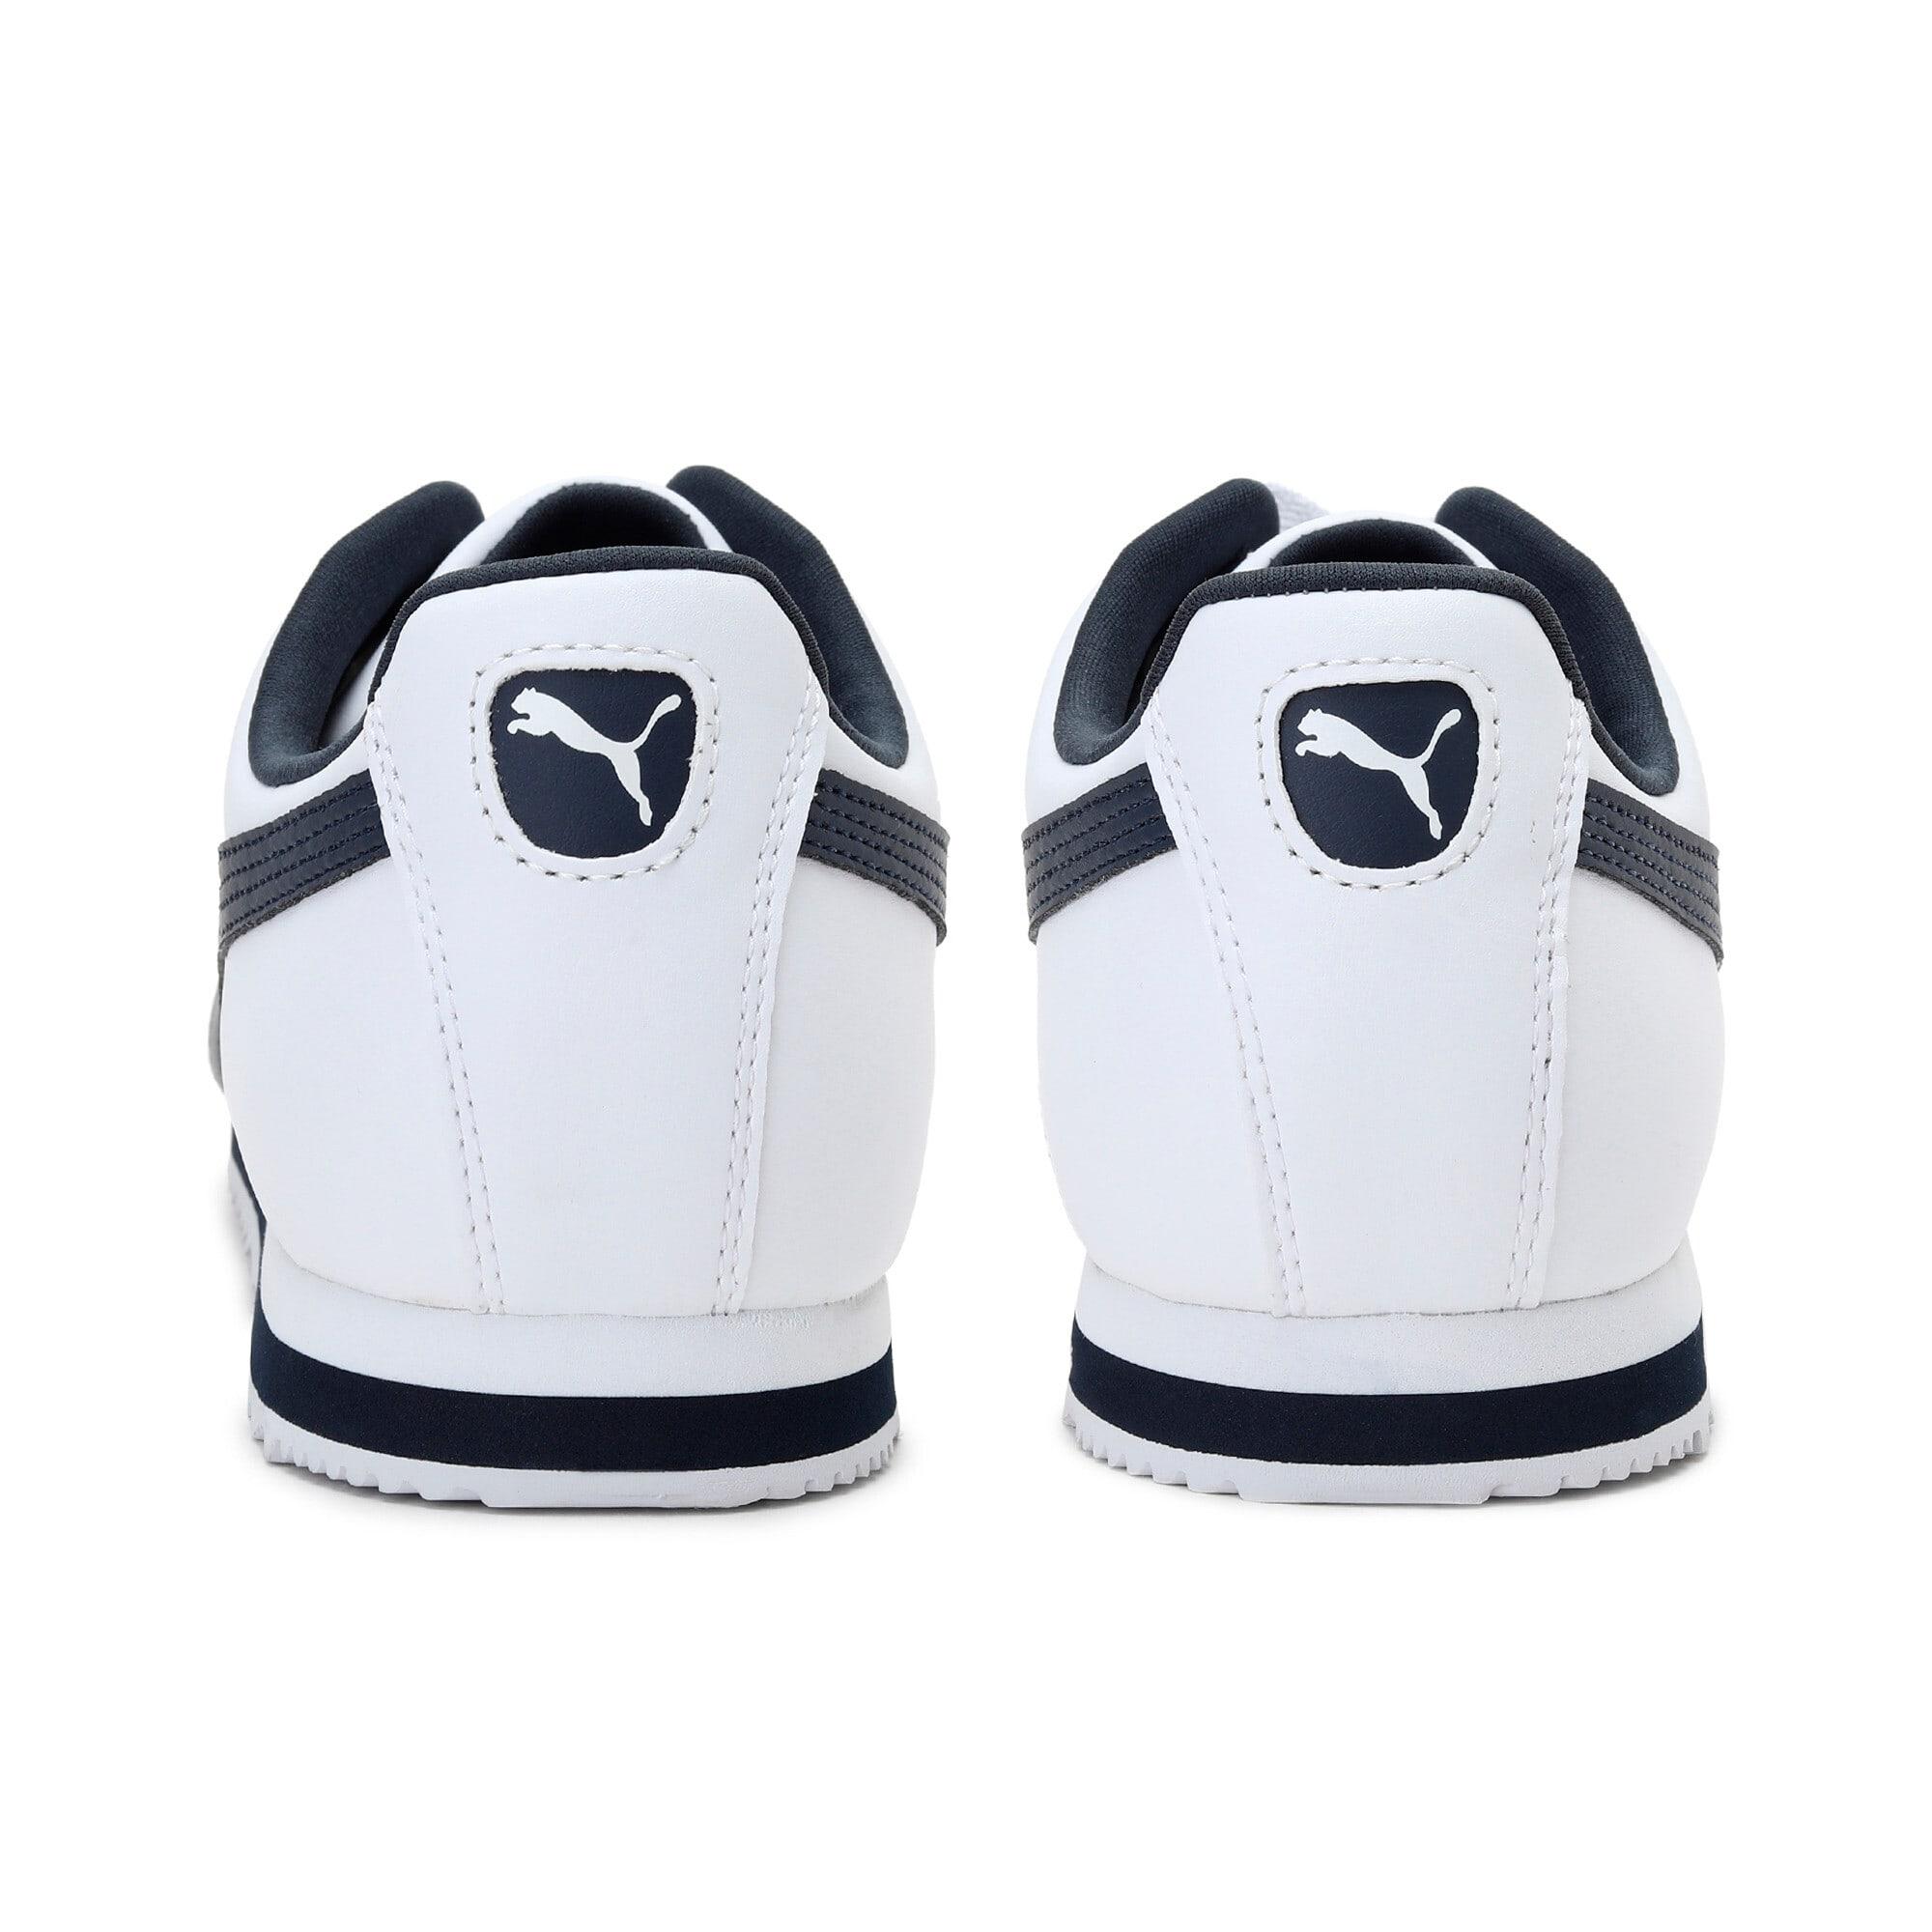 Miniatura 4 de Zapatos deportivos Roma Basic para hombre, white-new navy, mediano